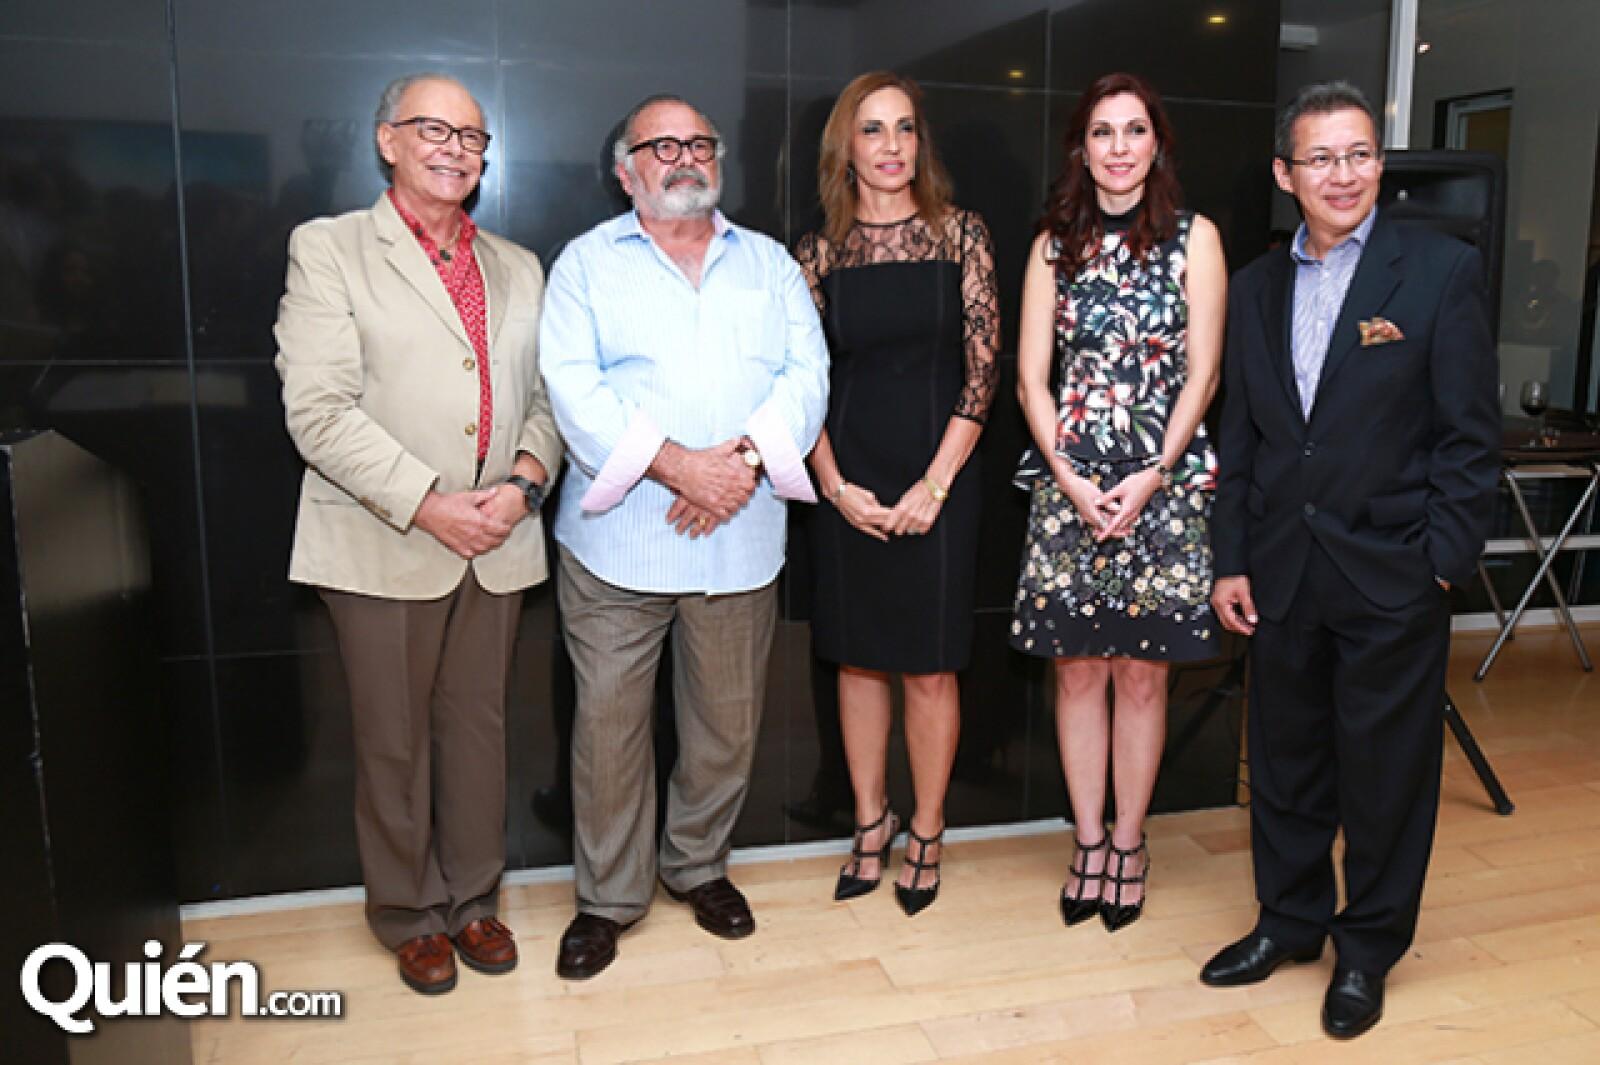 Enrique González,Guillermo Sepúlveda,Isabel Ruenes de Martin,Laura Garza de Garza y Jorge Romero